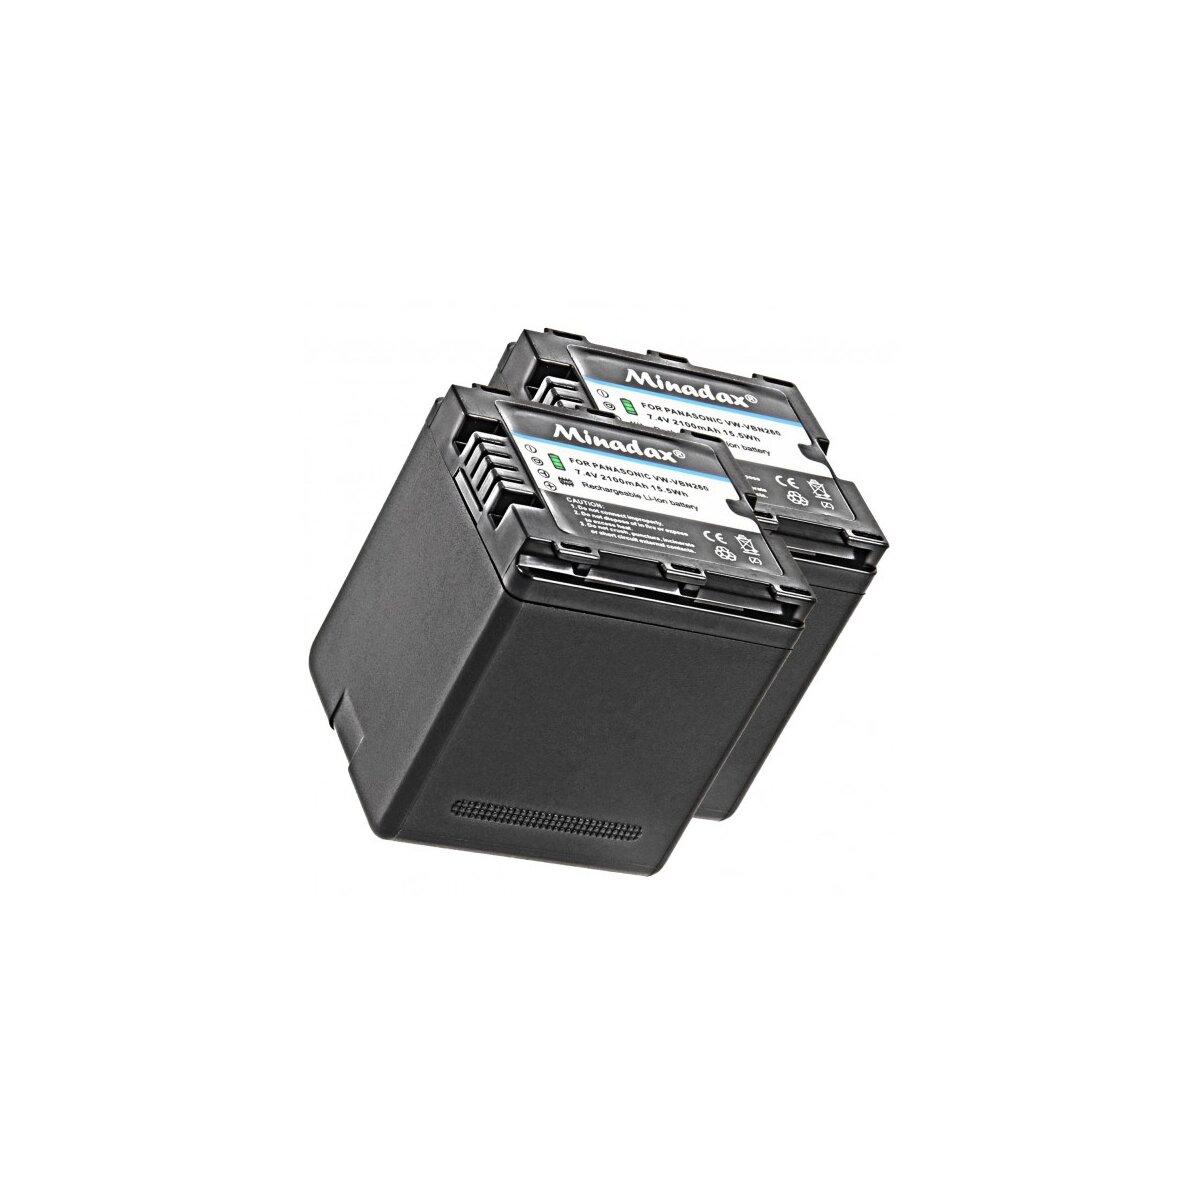 2x Minadax® Qualitaetsakku mit echten 2100 mAh fuer Panasonic HDC SD800 SD900 SD909 TM900 HS900  HC X929 X810 X909 X900 X800, wie VW VBN260 - Intelligentes Akkusystem mit Chip